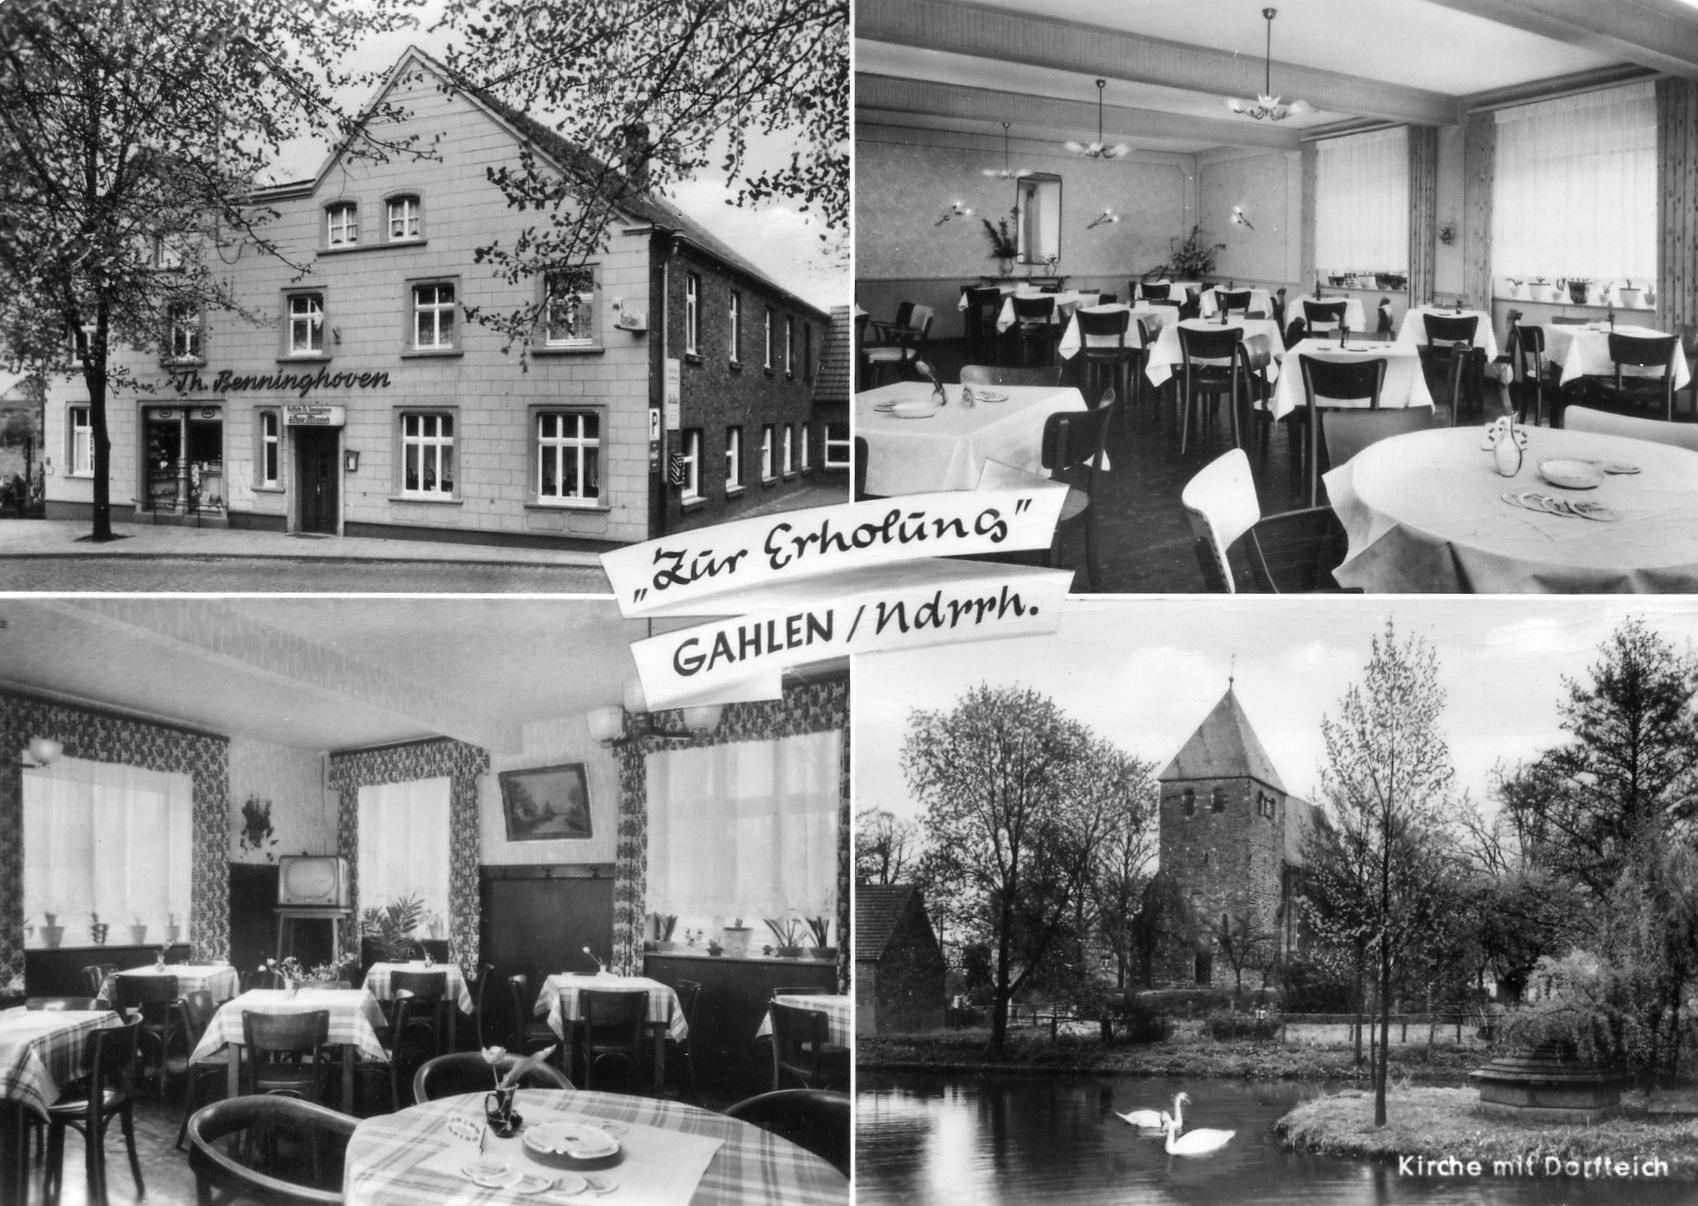 PK Gasthaus -Zur Erholung- Inh. Benninghoven